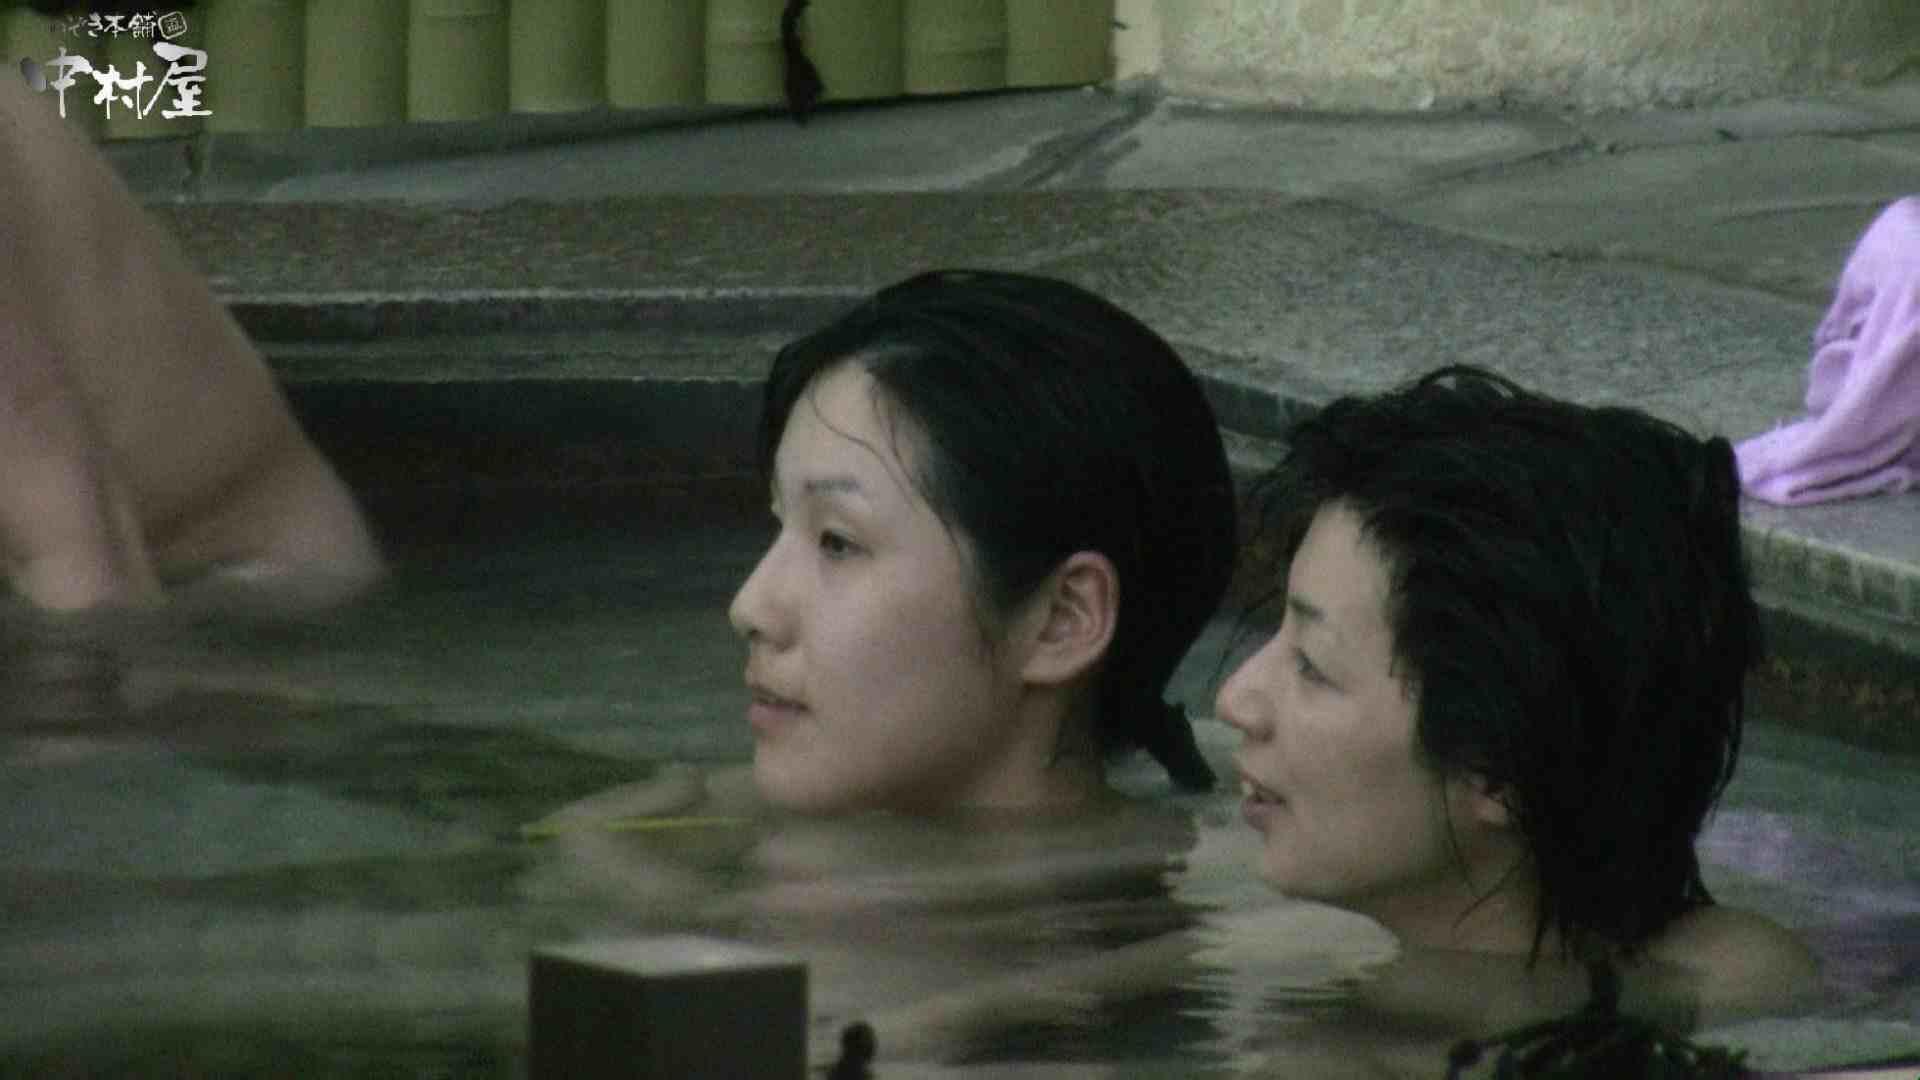 Aquaな露天風呂Vol.983 0  78pic 20